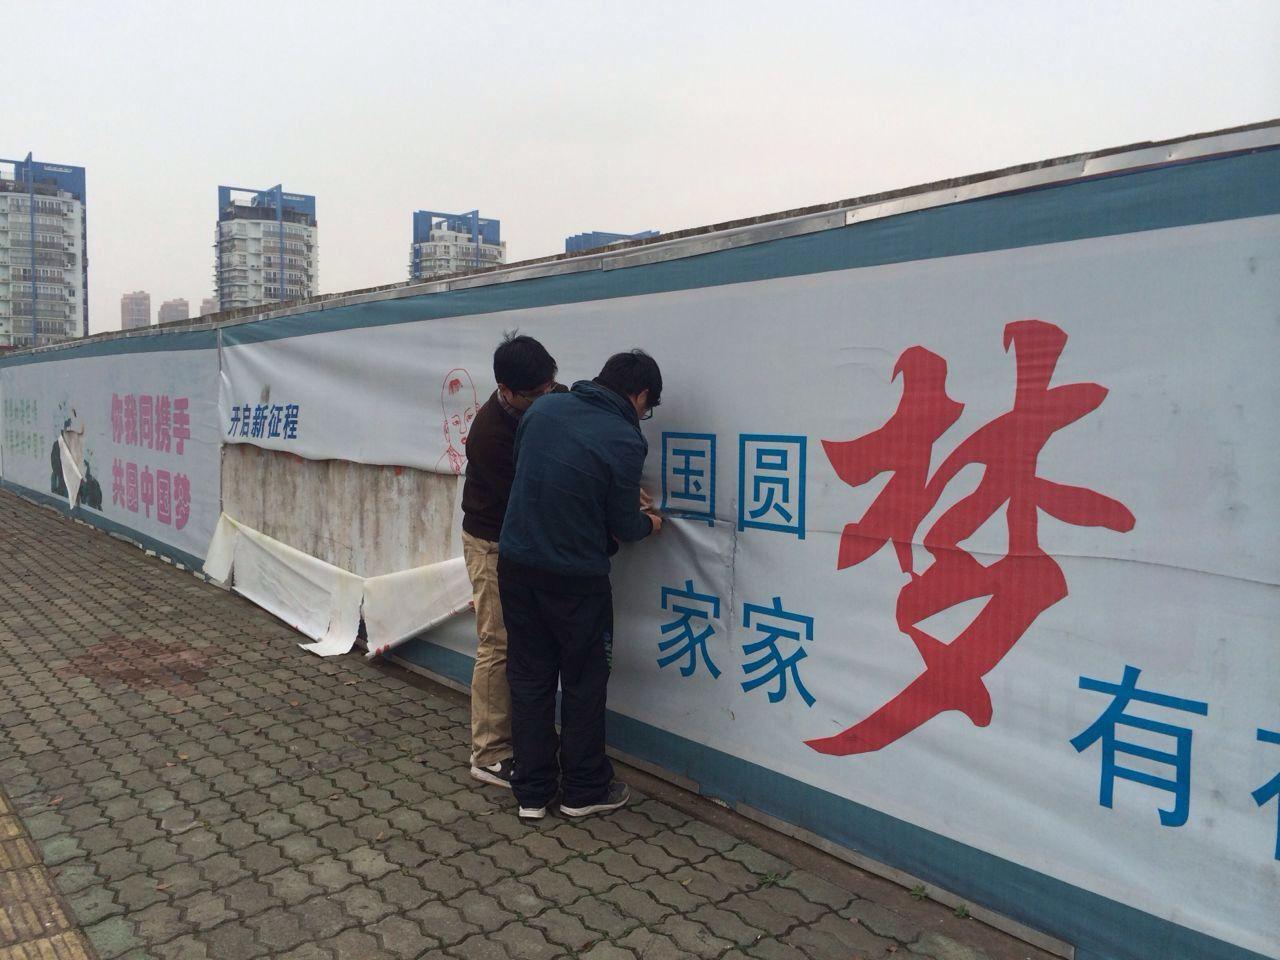 """据悉,为营造中国梦氛围,北仑利用闲置墙壁、工地围挡绘制文化墙。内容涉及""""中国梦""""、忠孝勤俭、礼义廉耻等中华传统文化内容,以图文并茂、通俗易懂的方式普及文明行为规范,给市民传达正能量,引导市民远离身边不文明行为,自觉维护市容环境,做城市的文明人。"""